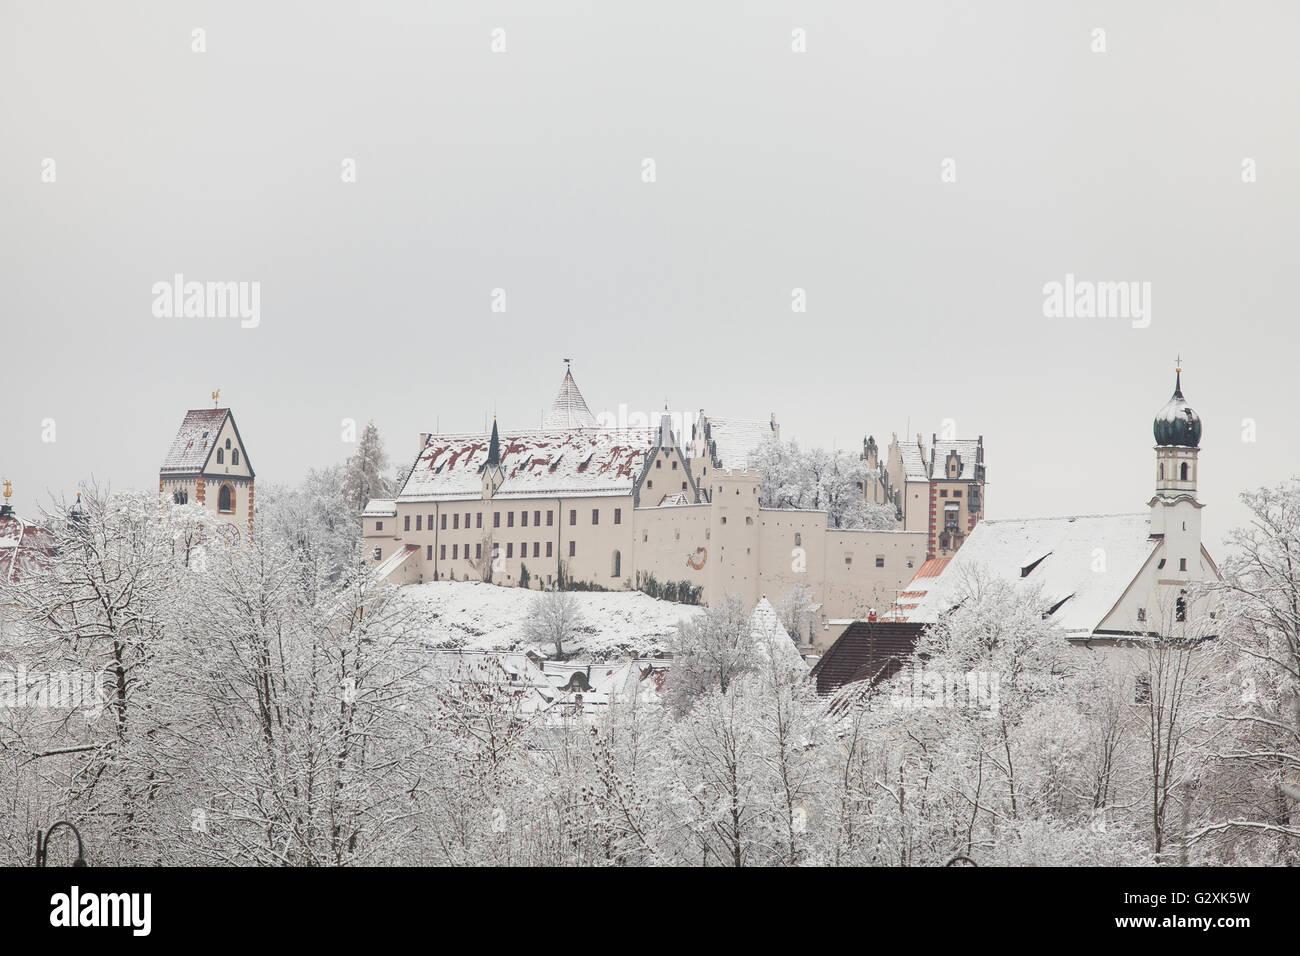 Fussen Castle in winter landscape - Stock Image